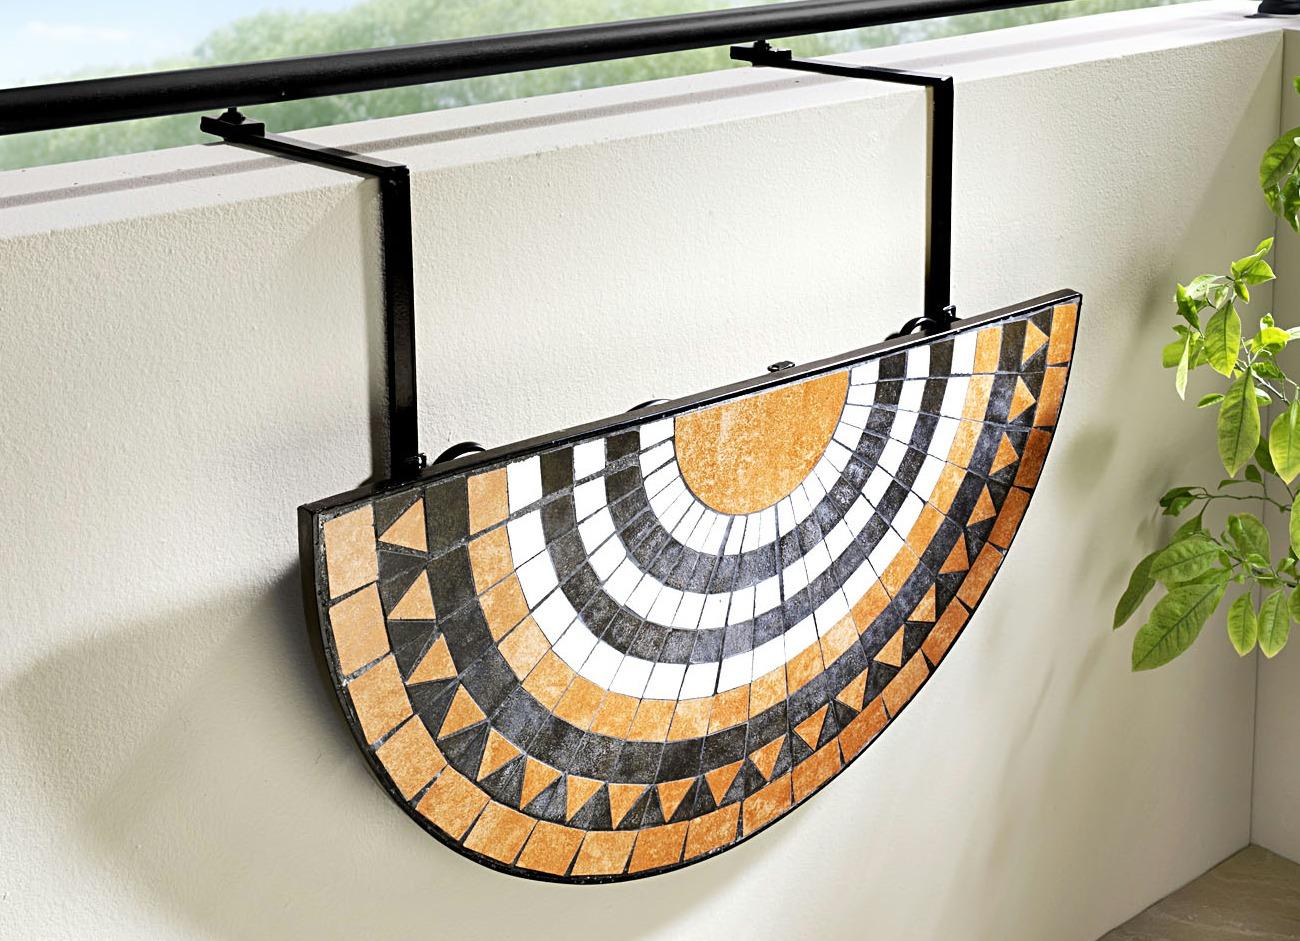 balkontisch zum einh ngen gartenm bel brigitte hachenburg. Black Bedroom Furniture Sets. Home Design Ideas